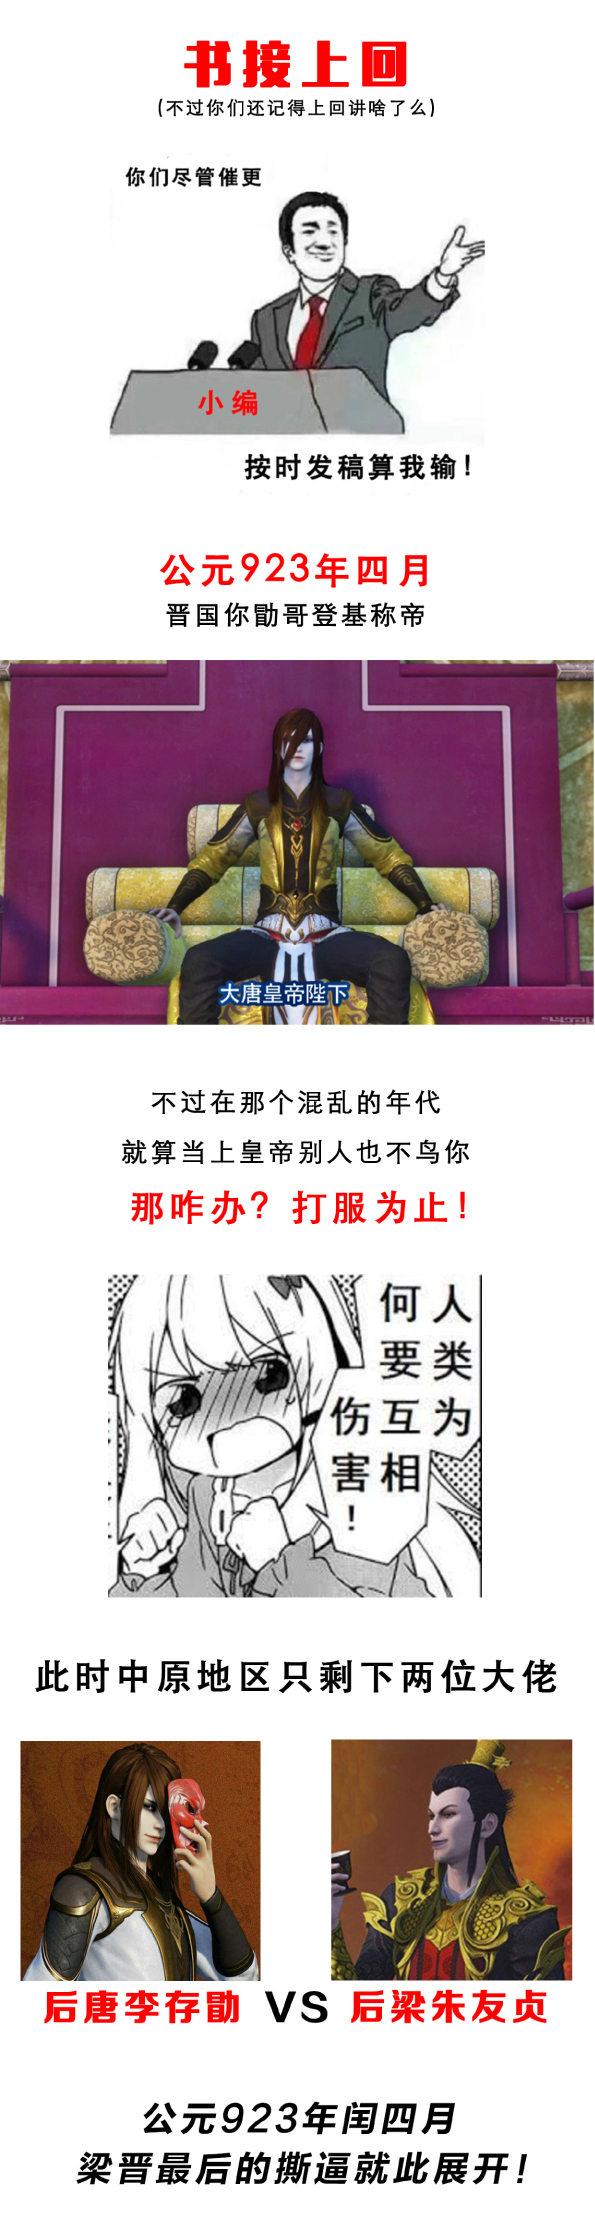 自由游卡通_史里有:文青皇帝爱自由-动漫资讯-玩游网-playyx.com